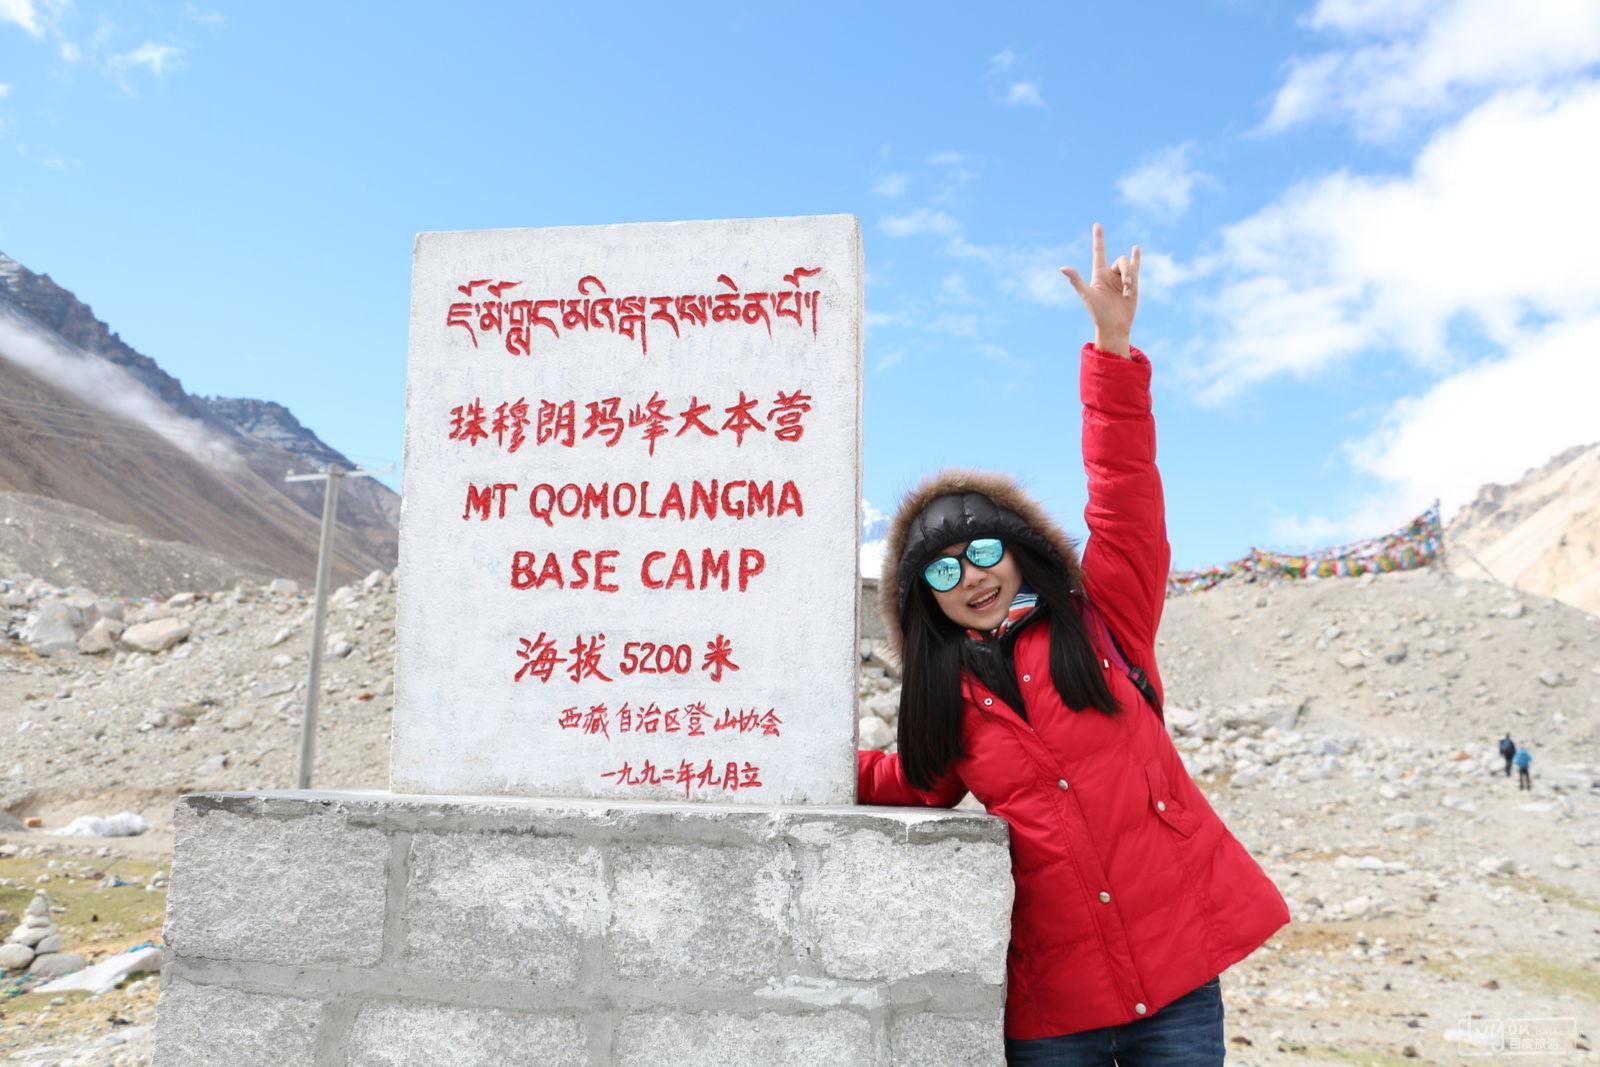 tibet Ever Base Camp tour|tavel guide